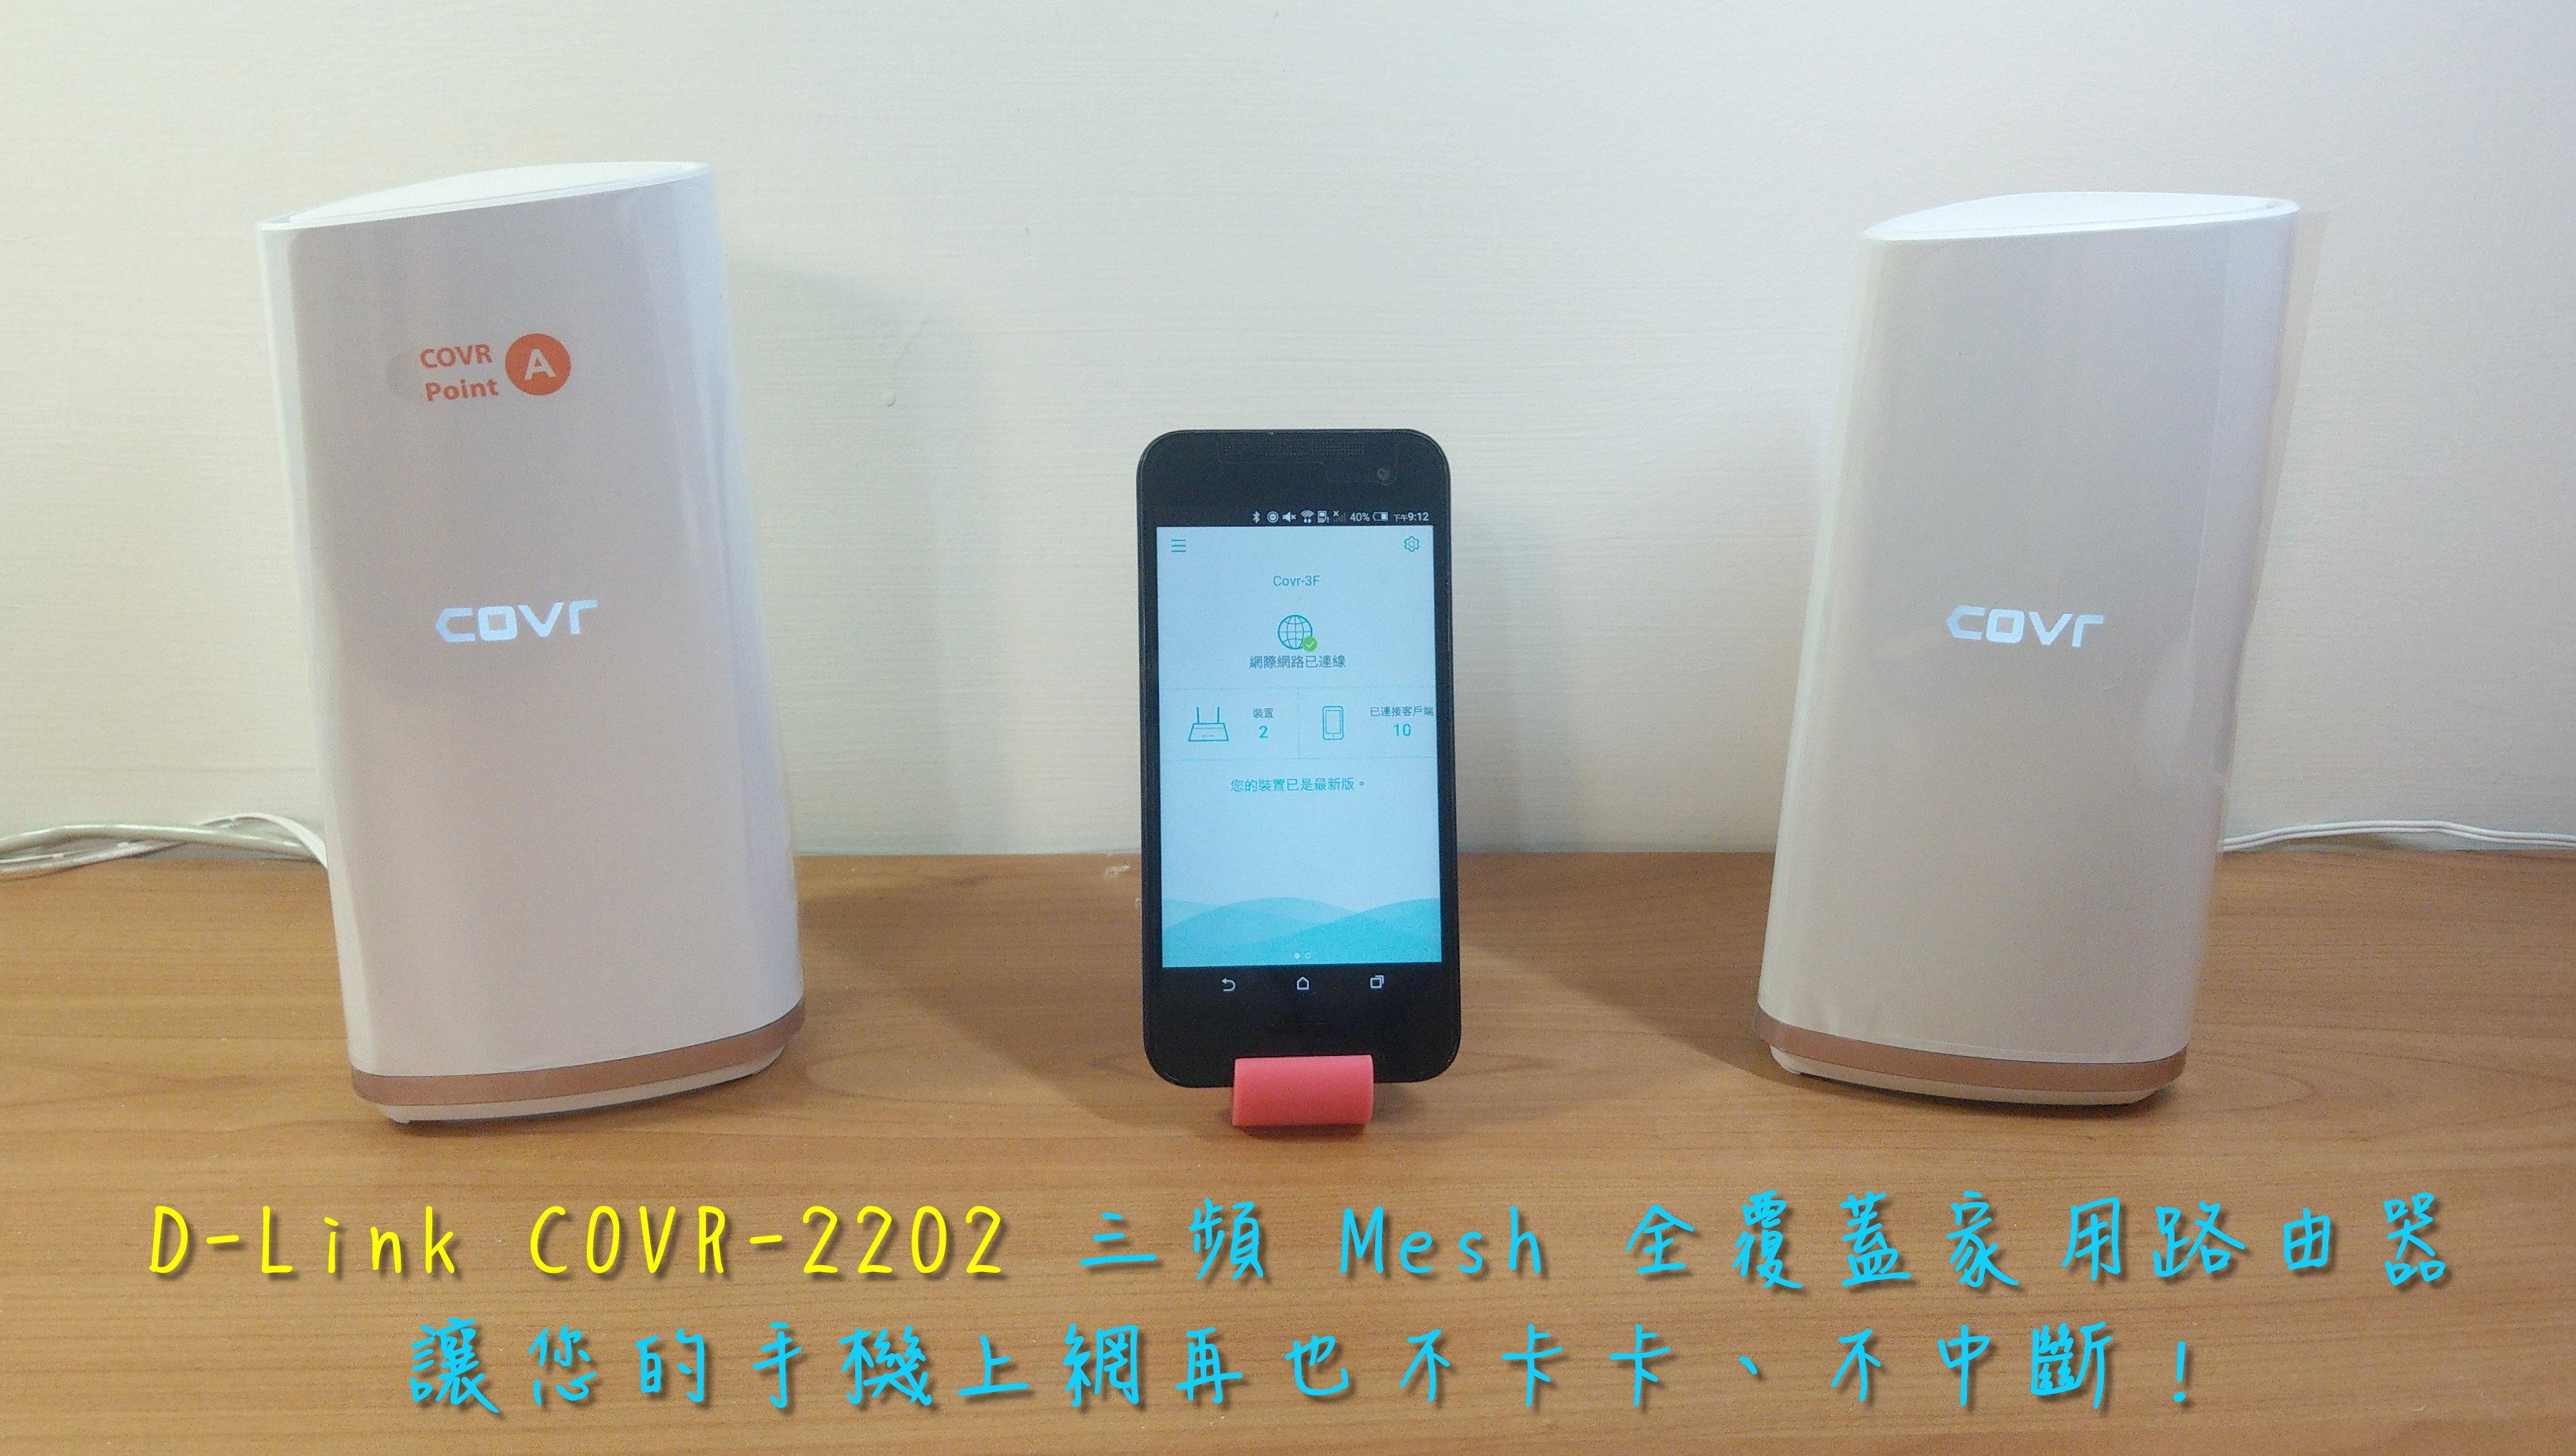 [心得] D-Link COVR-2202 三頻 Mesh 全覆蓋家用路由器,讓您的手機上網再也不卡卡、不中斷!